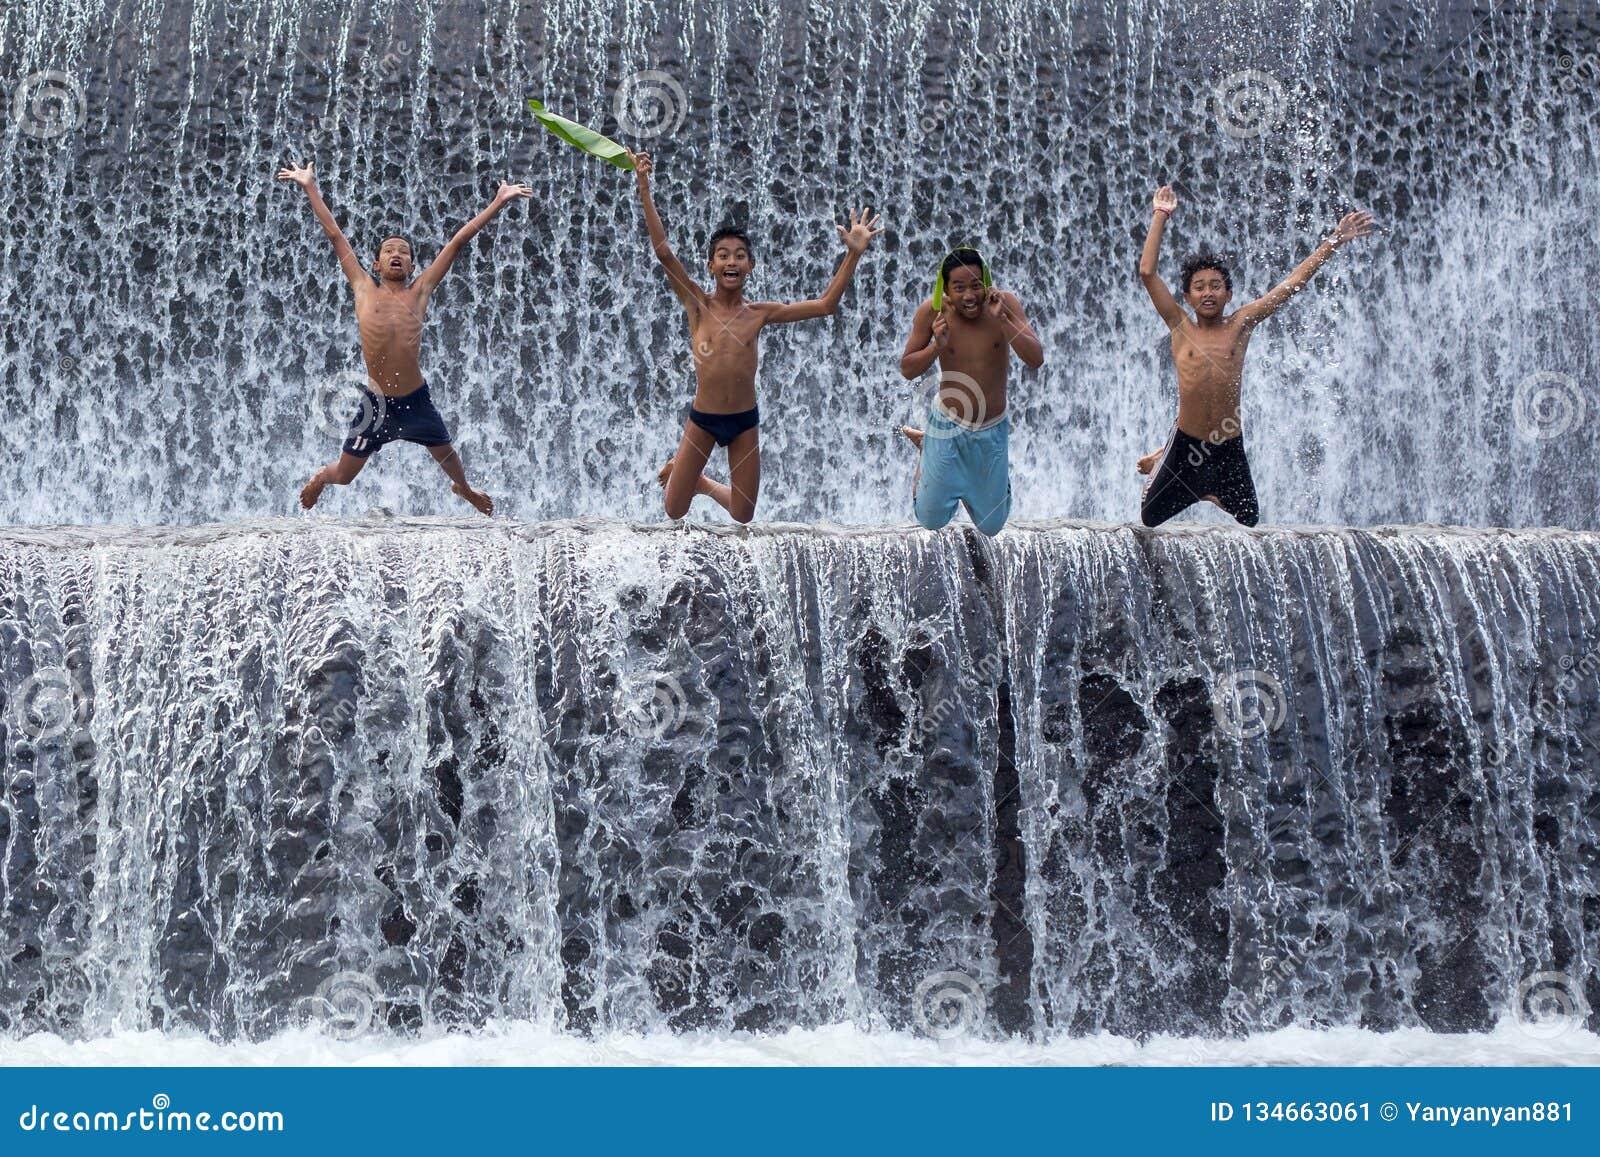 Poverty boys having fun at Tukat Unda dam, Bali